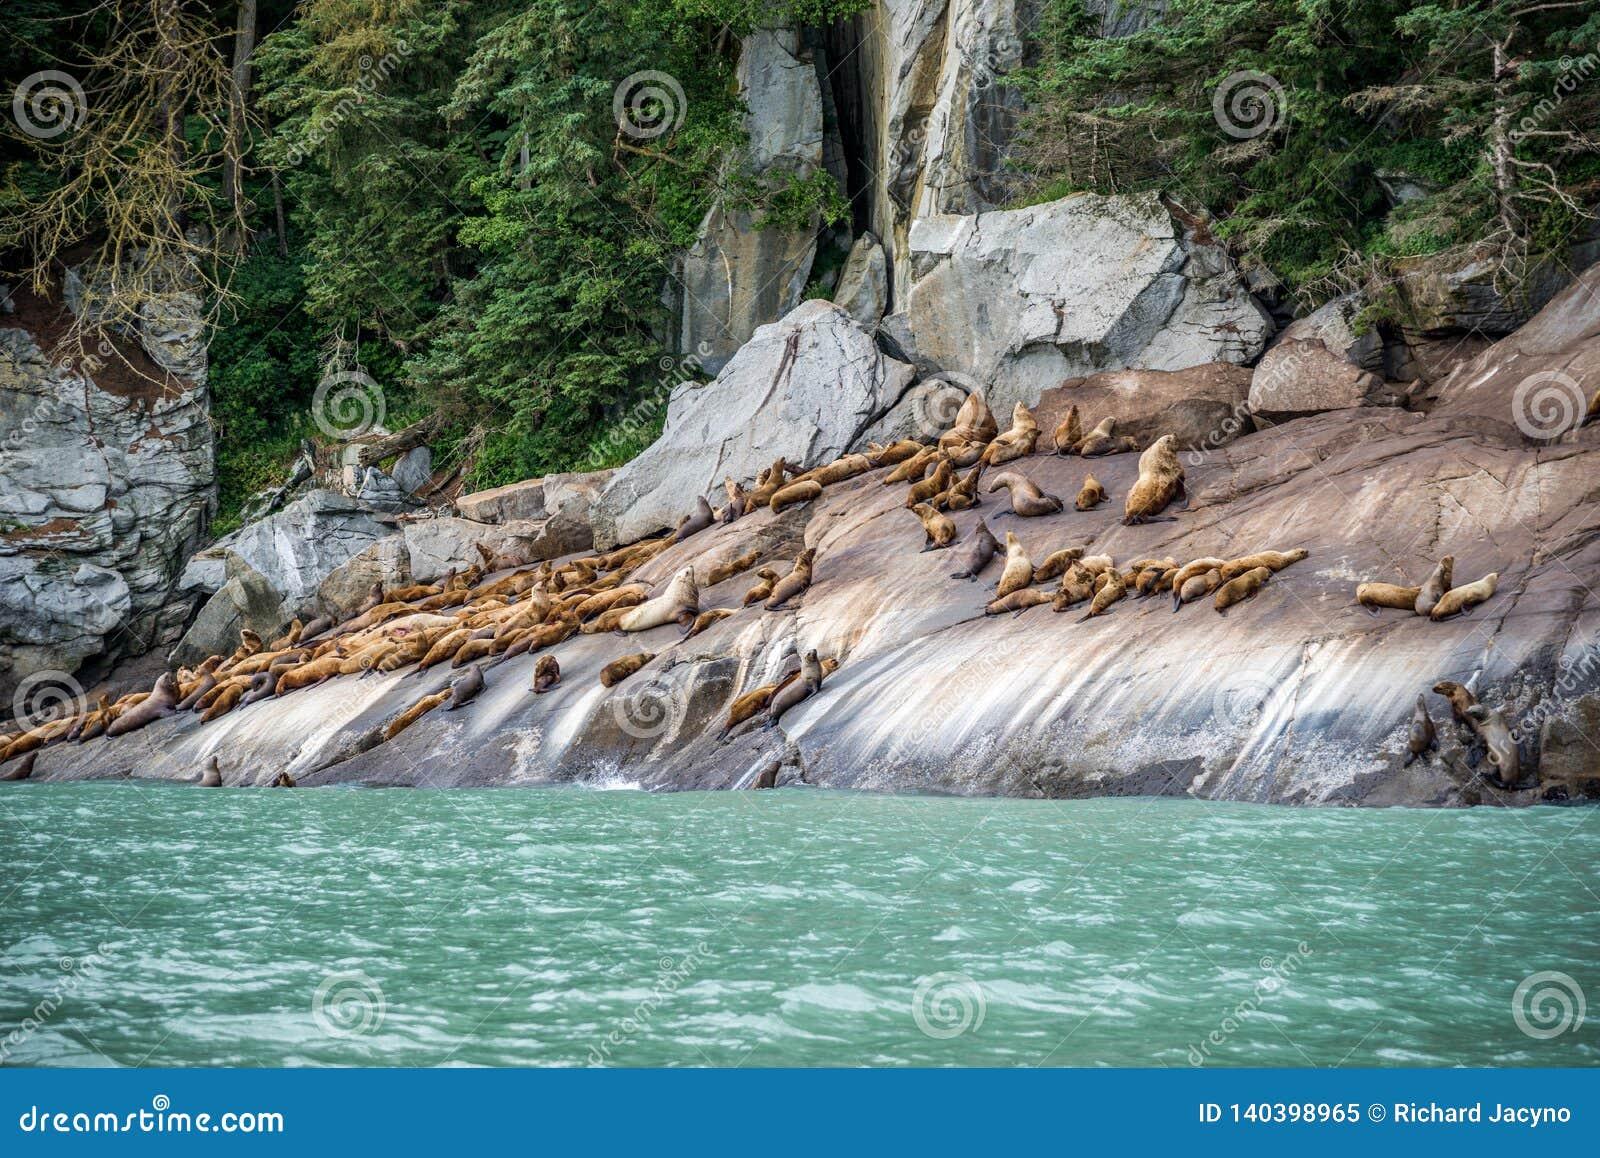 Guarnizioni di pelliccia che prendono il sole sulla riva rocciosa in Chilkoot